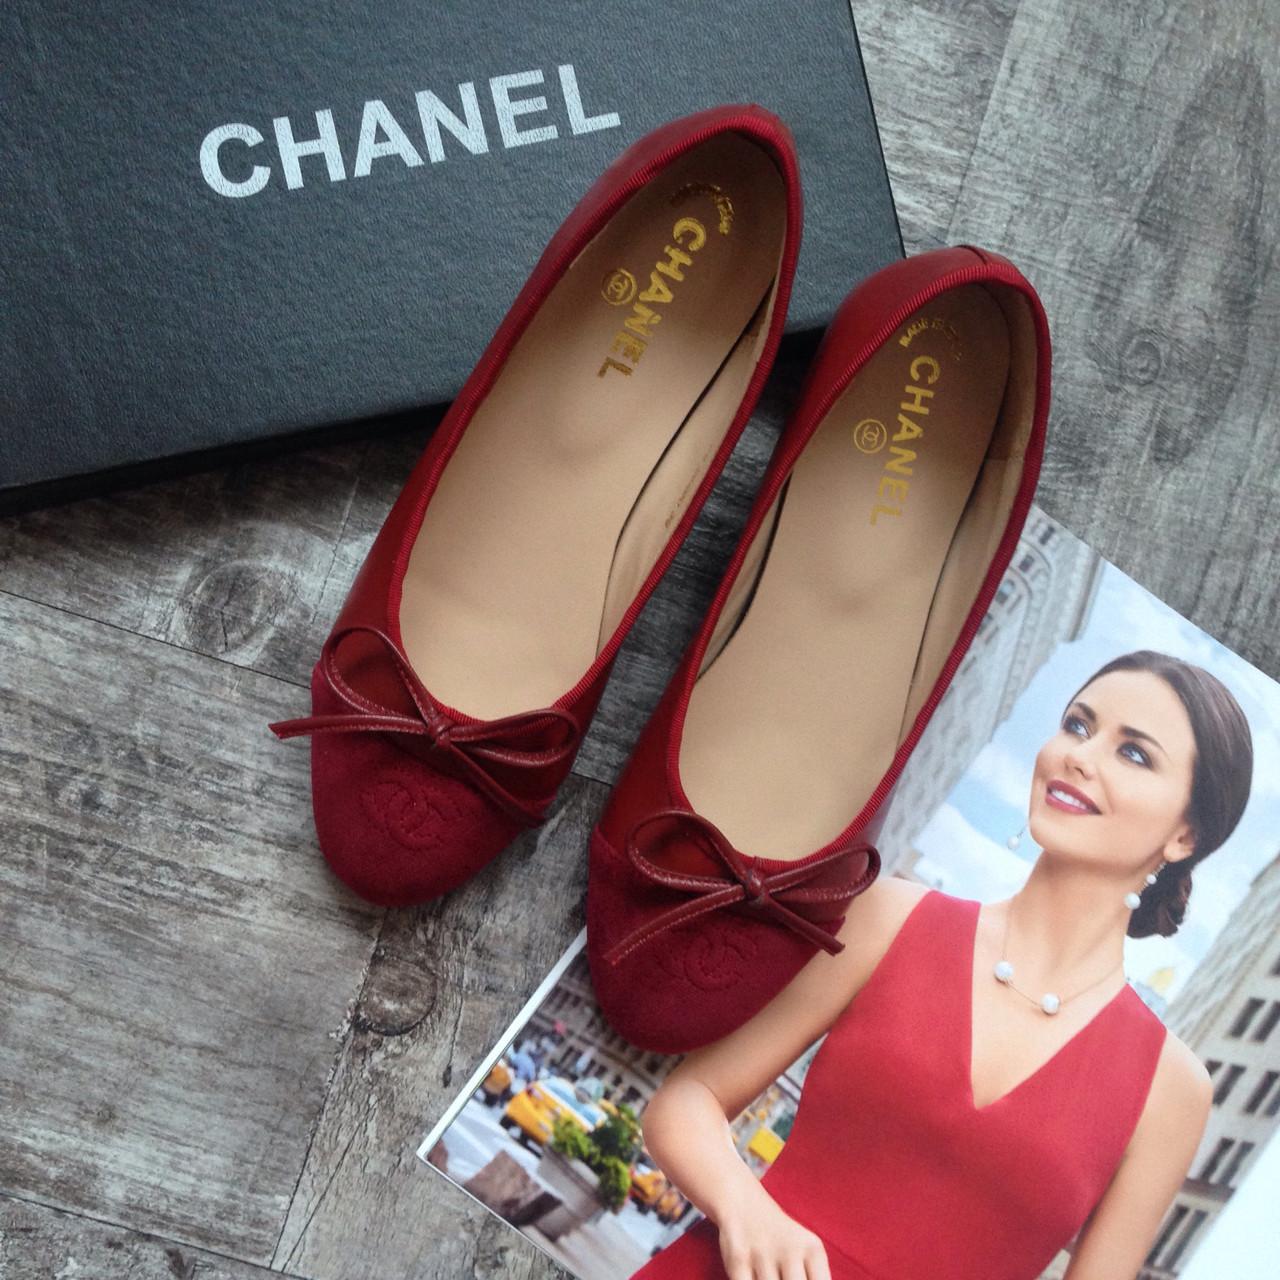 f5ba363e86af Балетки Chanel кожаный замшевые мокасины Шанель - butic case в Киеве